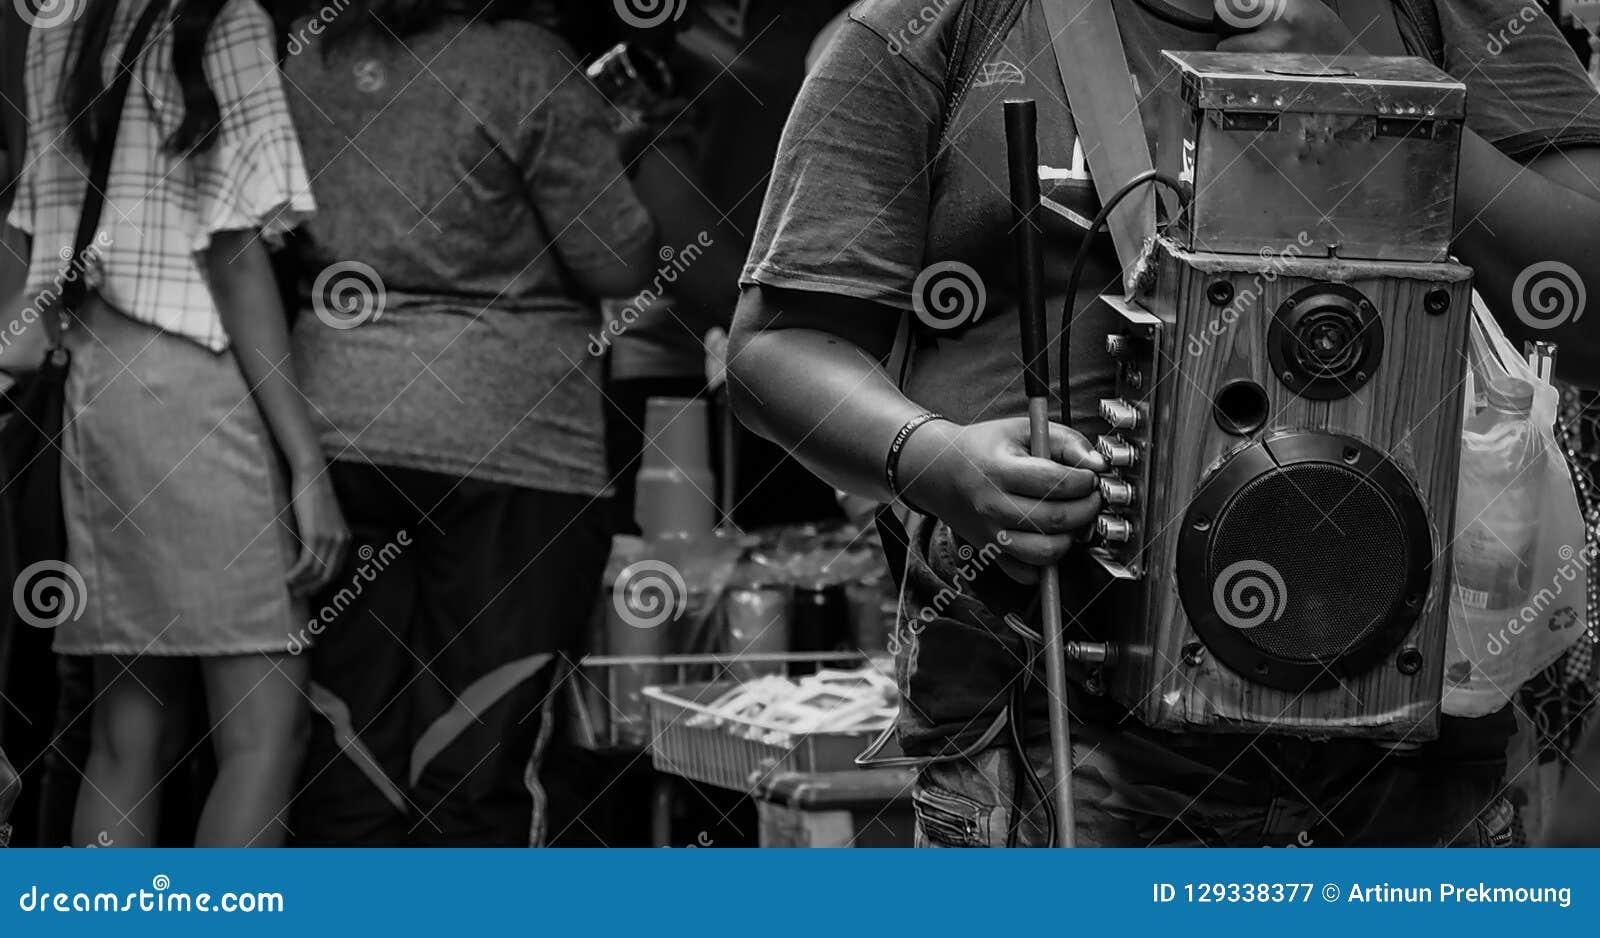 Οι οπτικά ανάπηροι τραγουδούν για τα χρήματα στην αγορά στην Ταϊλάνδη Άνθρωποι που ικετεύονται τυφλοί για τη δωρεά Κανένας δεν εν